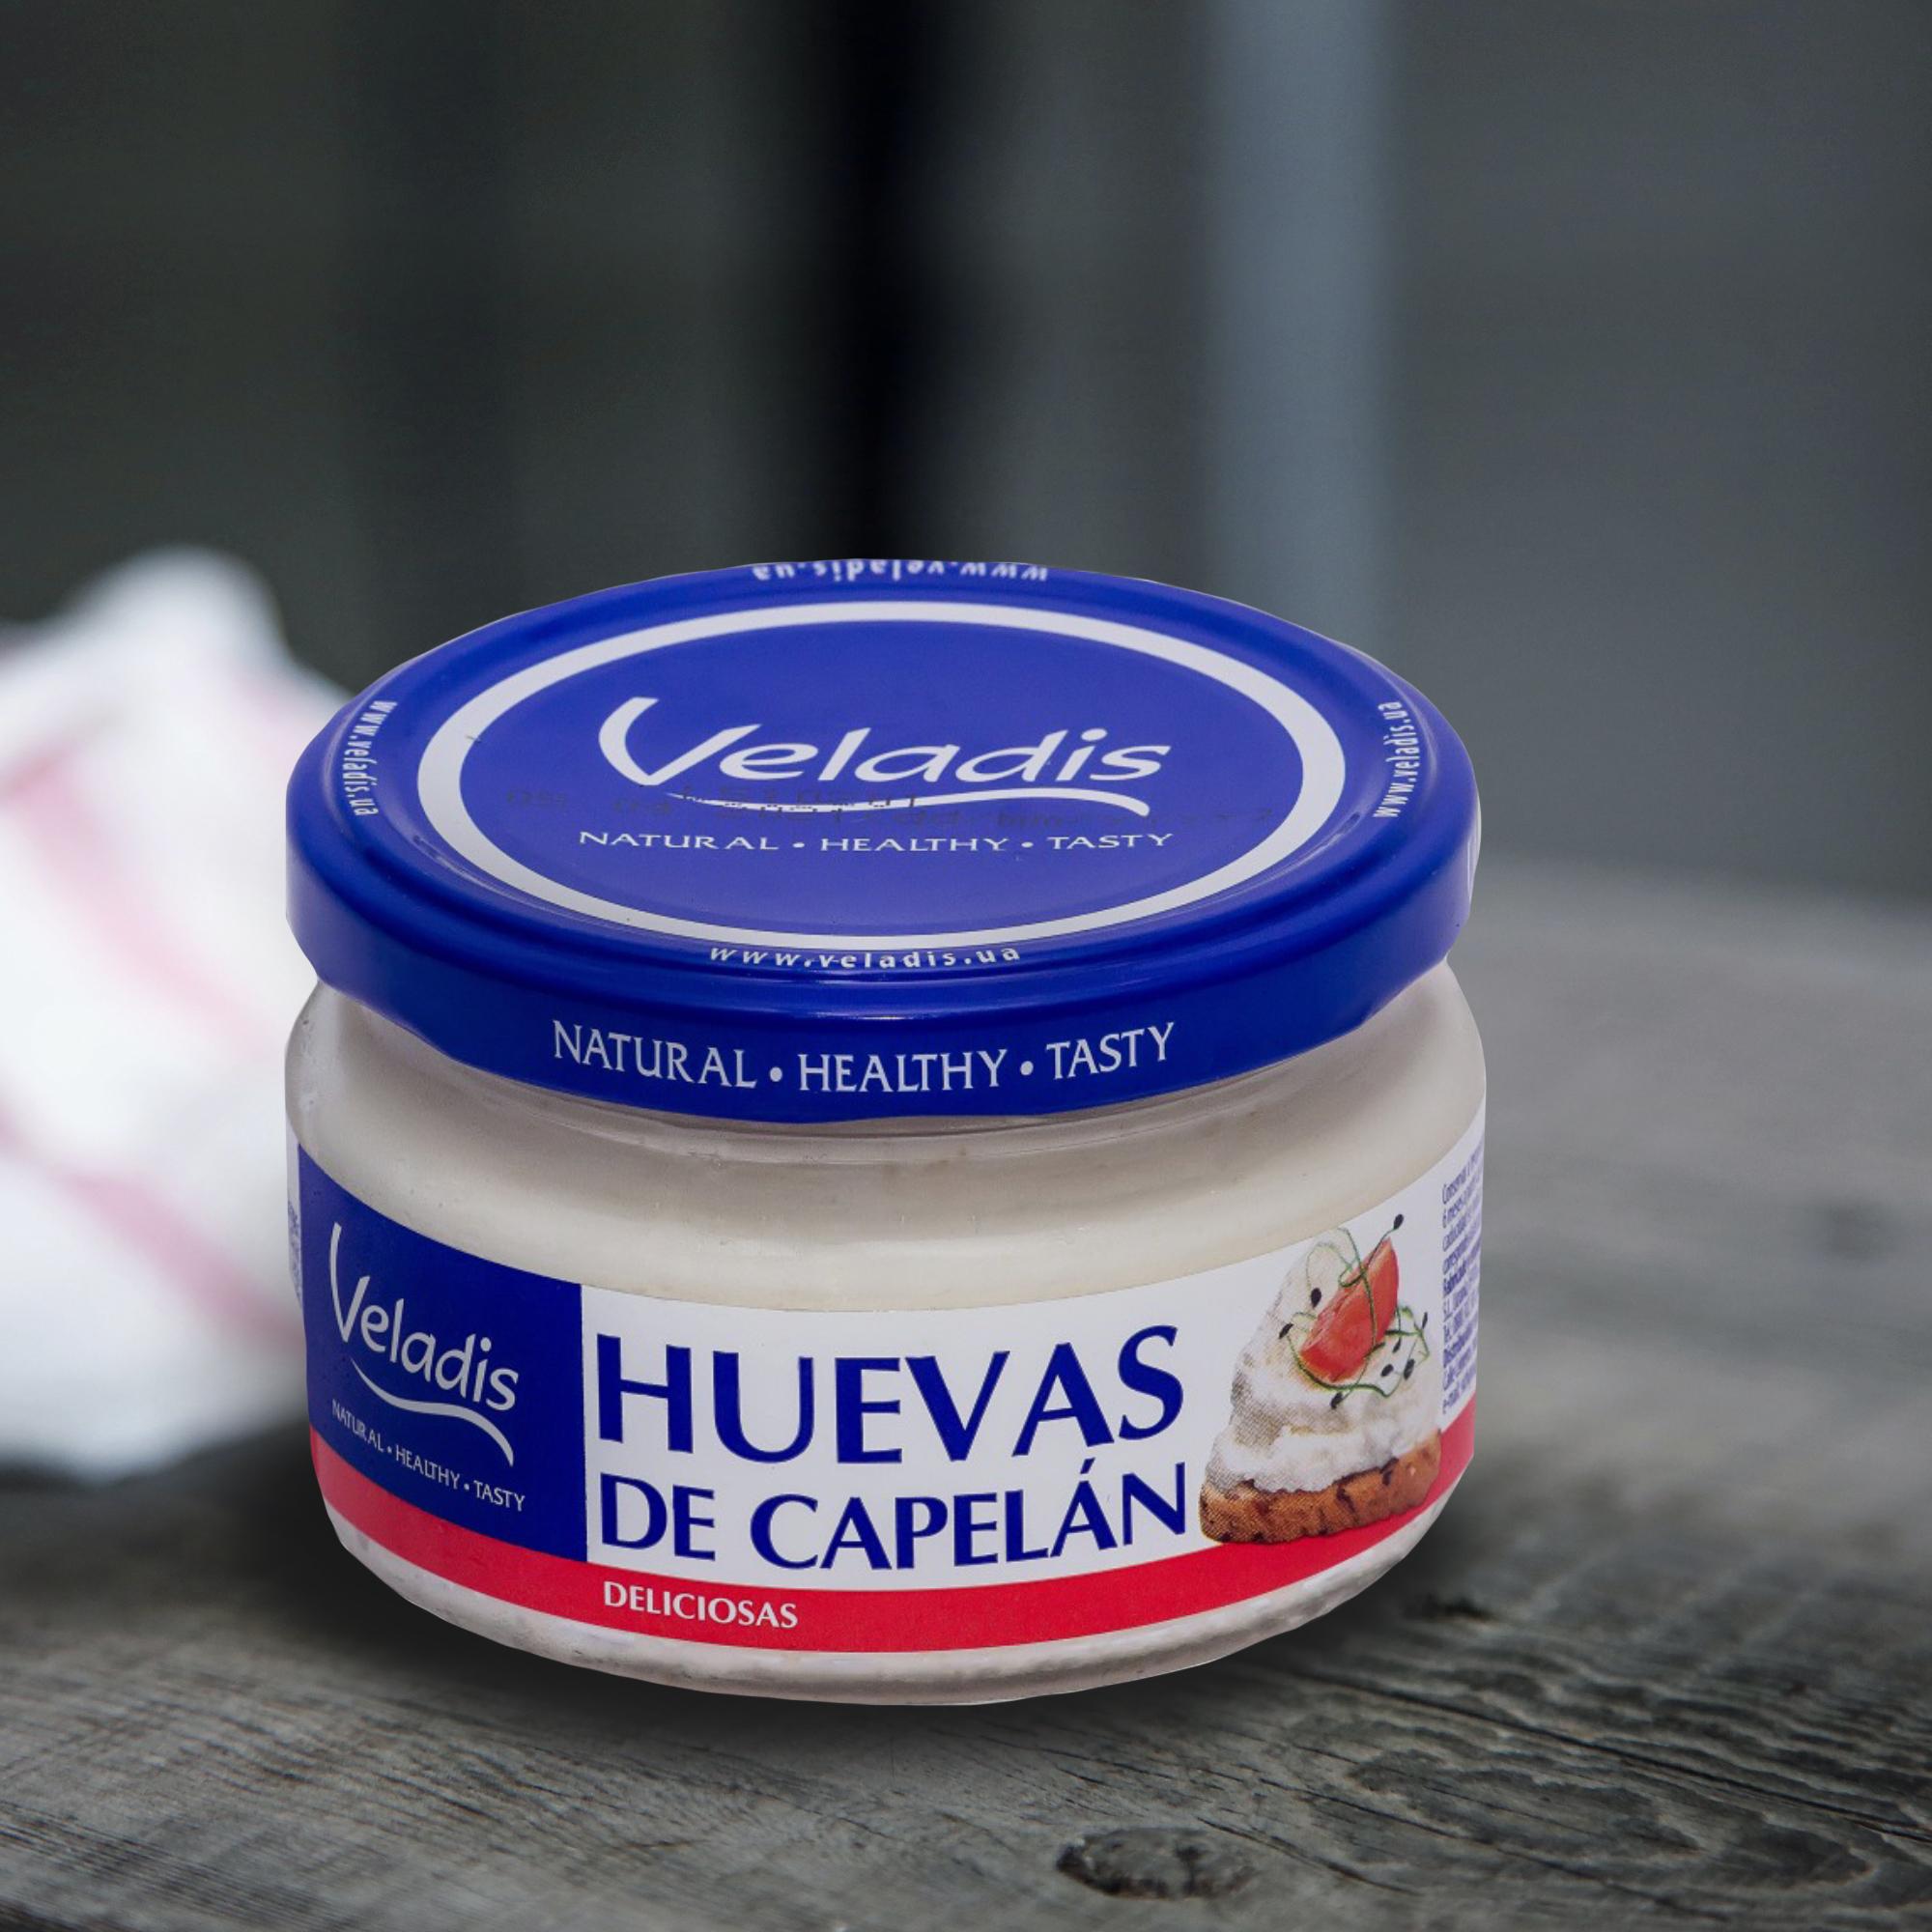 Crema de huevas de capelán